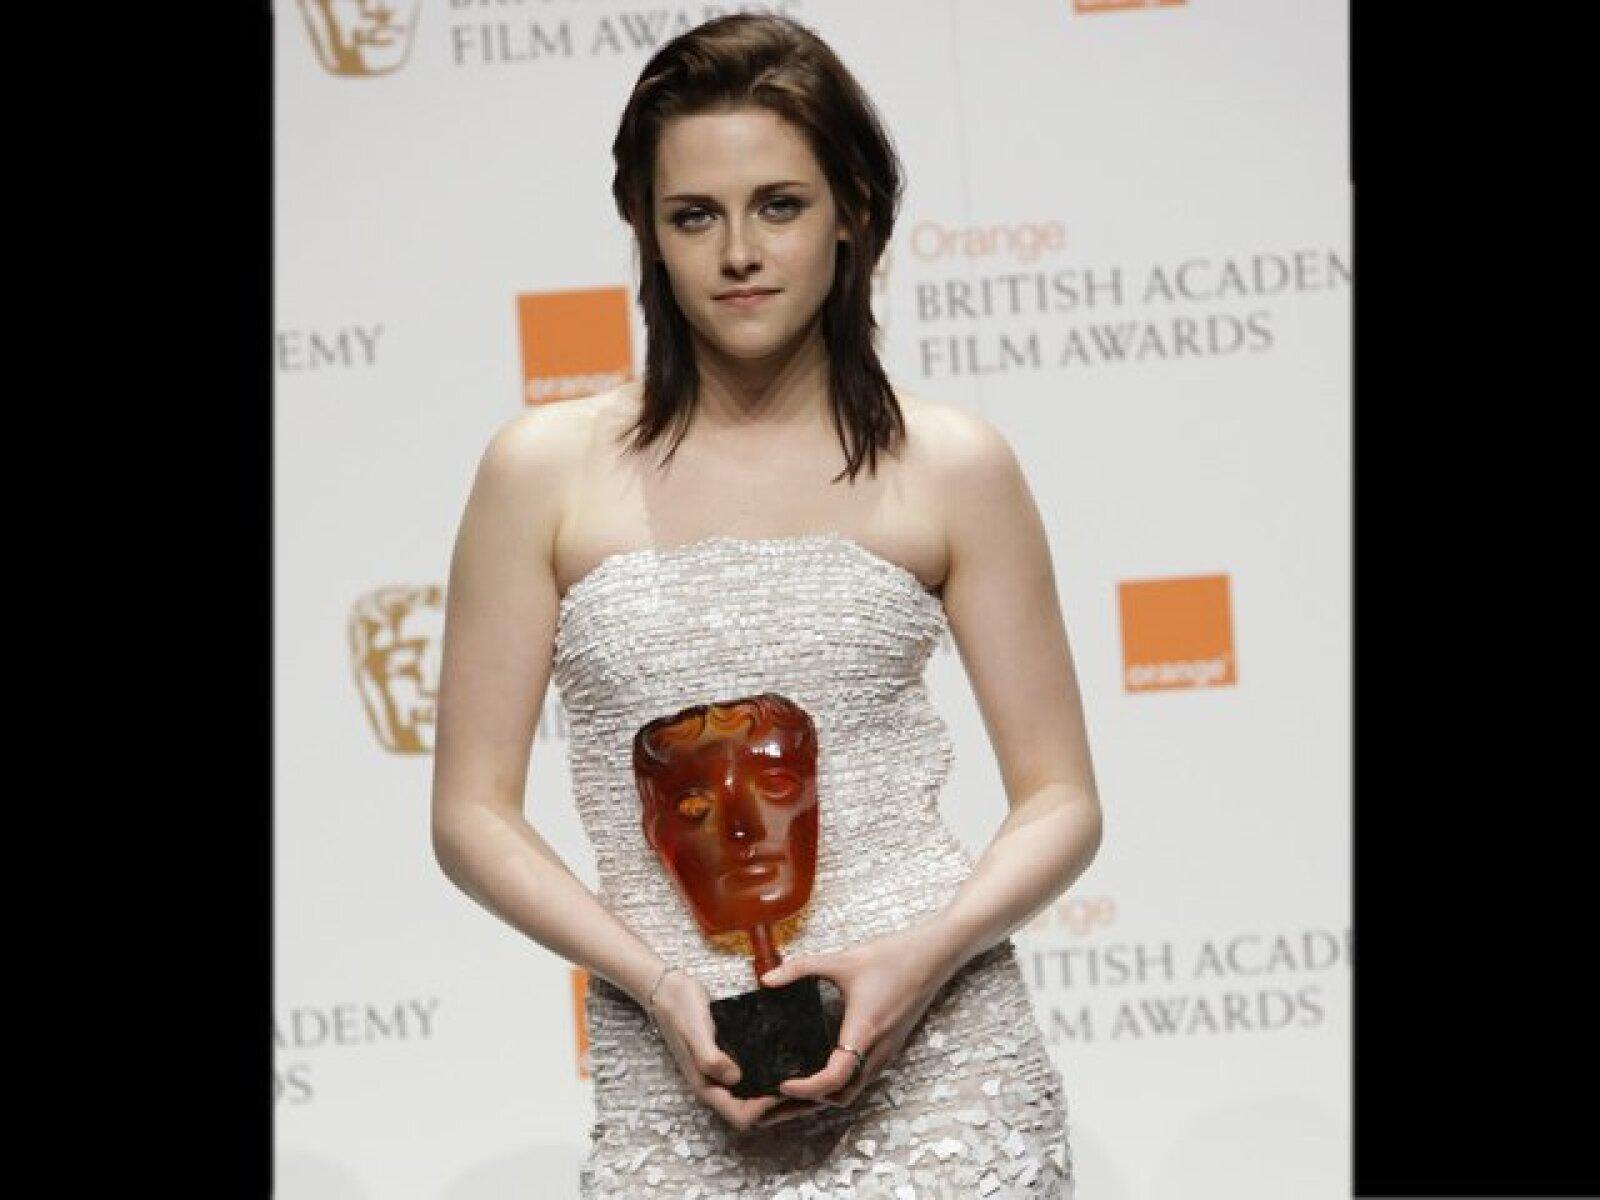 A su llegada a la entrega de premios que entrega la Academia Británica de Cine 2010 (febrero, 2010).